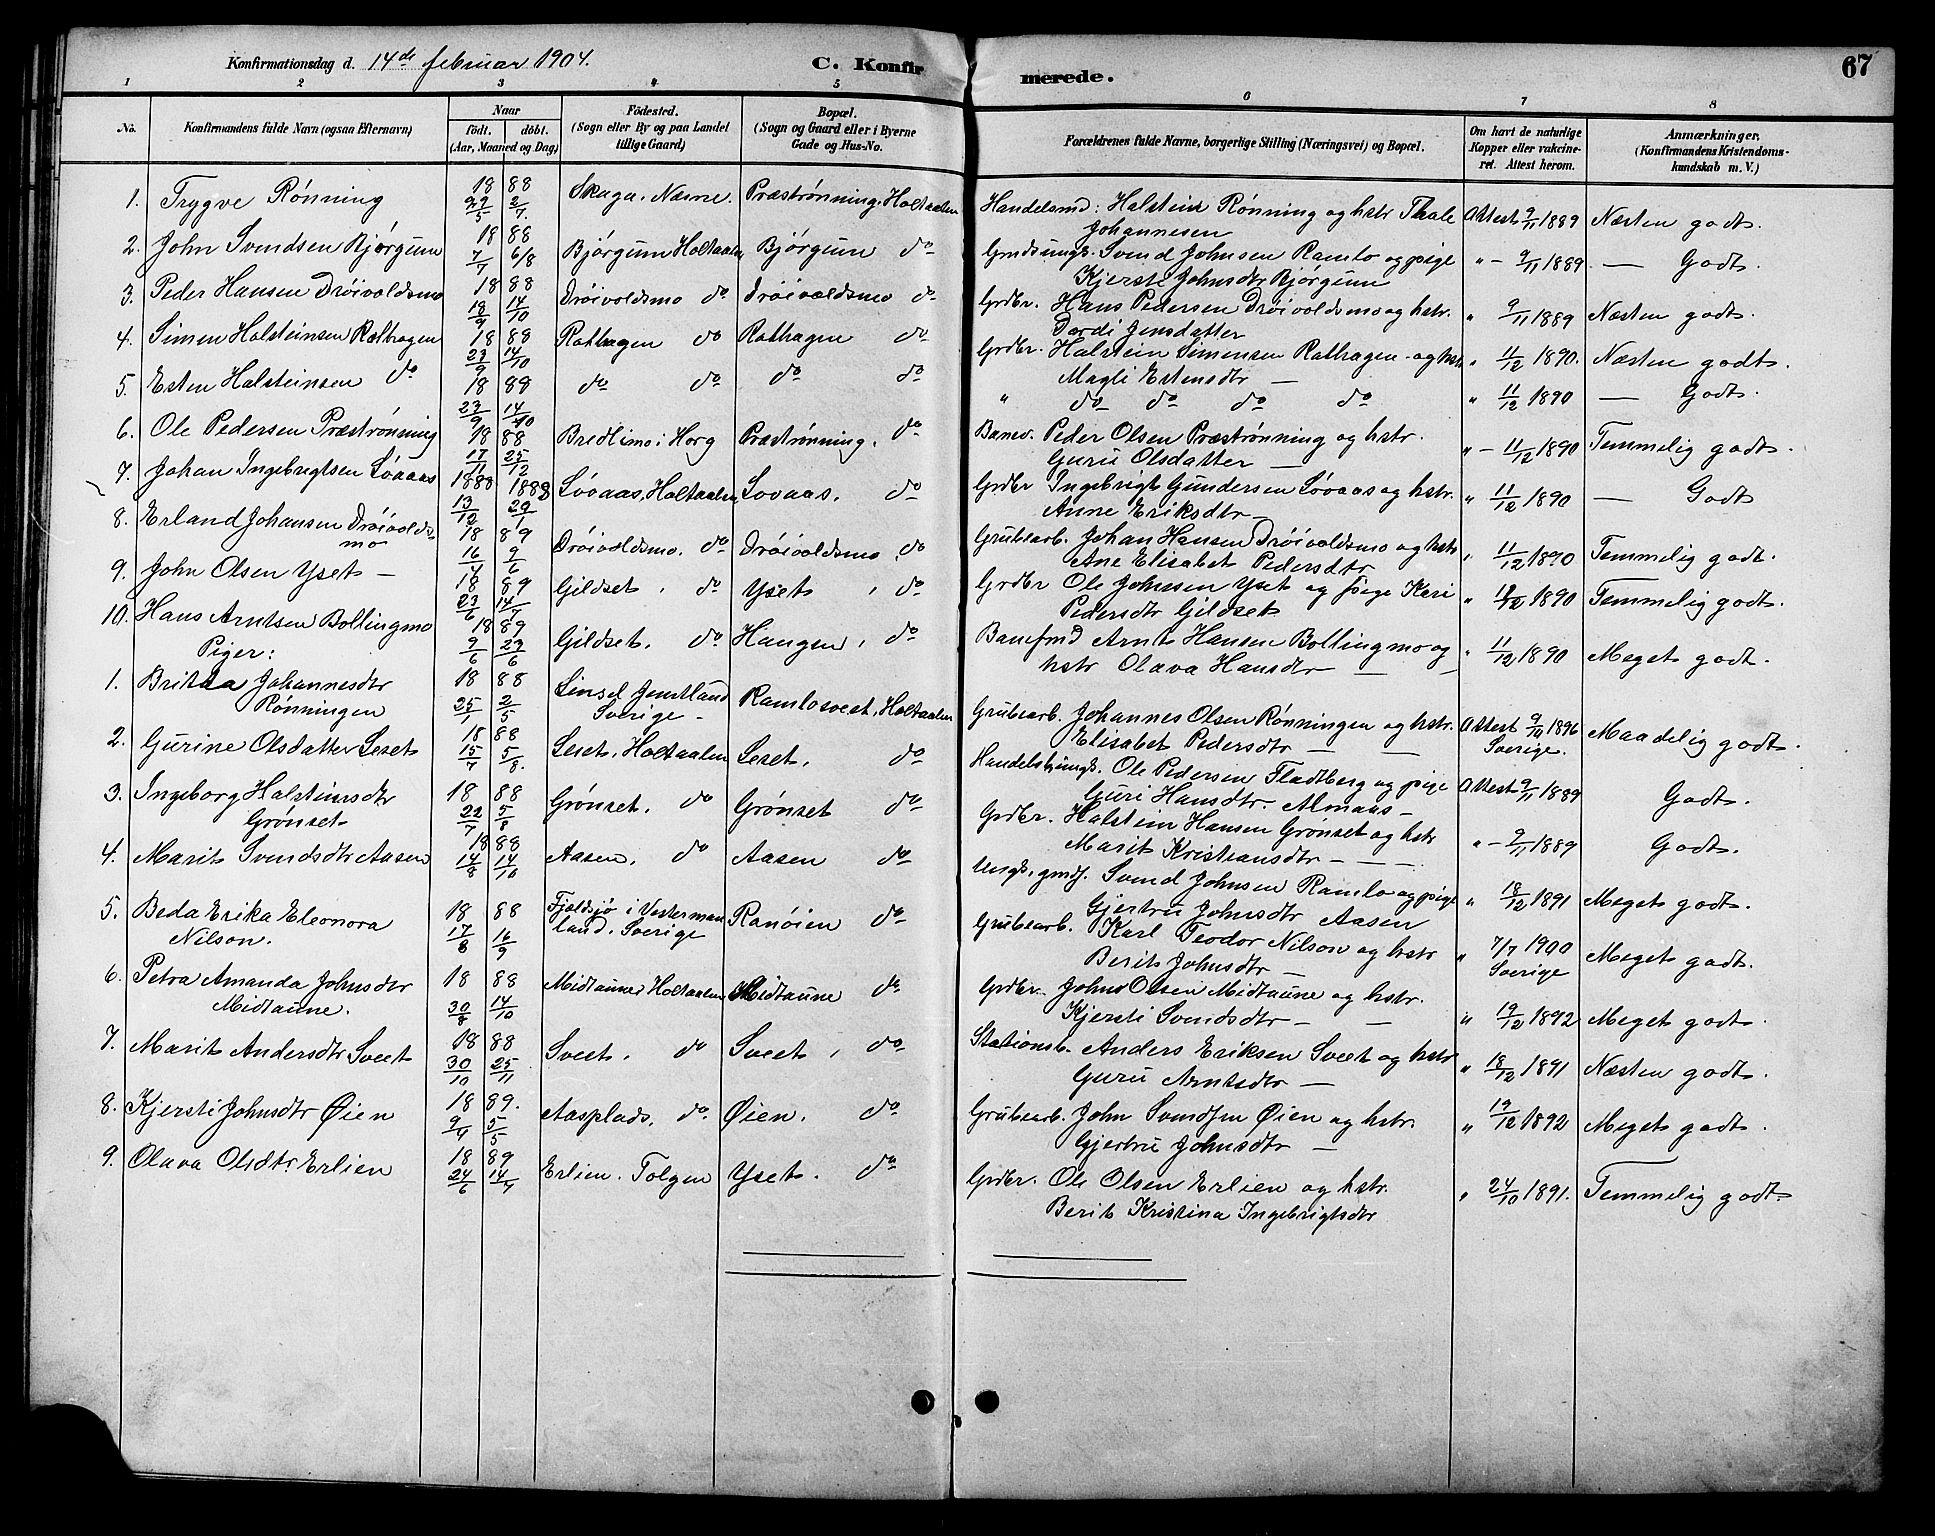 SAT, Ministerialprotokoller, klokkerbøker og fødselsregistre - Sør-Trøndelag, 685/L0978: Klokkerbok nr. 685C03, 1891-1907, s. 67